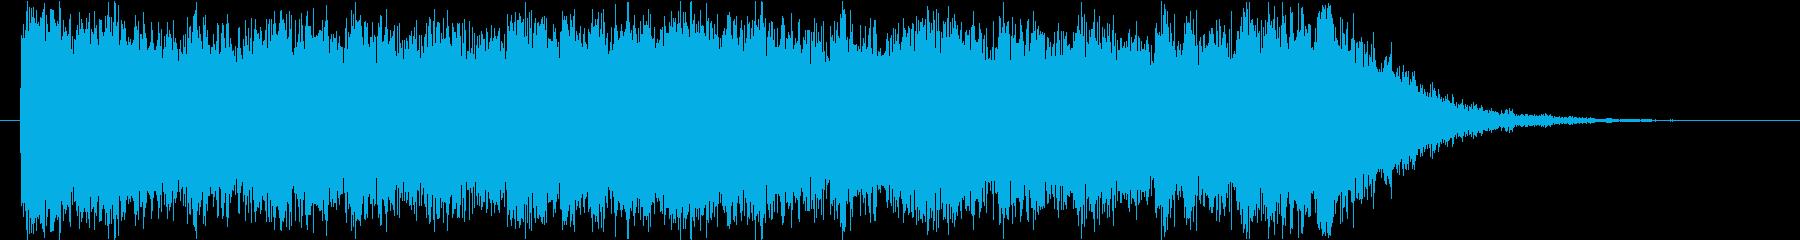 フルオーケストラの雄大&壮大なロゴの再生済みの波形